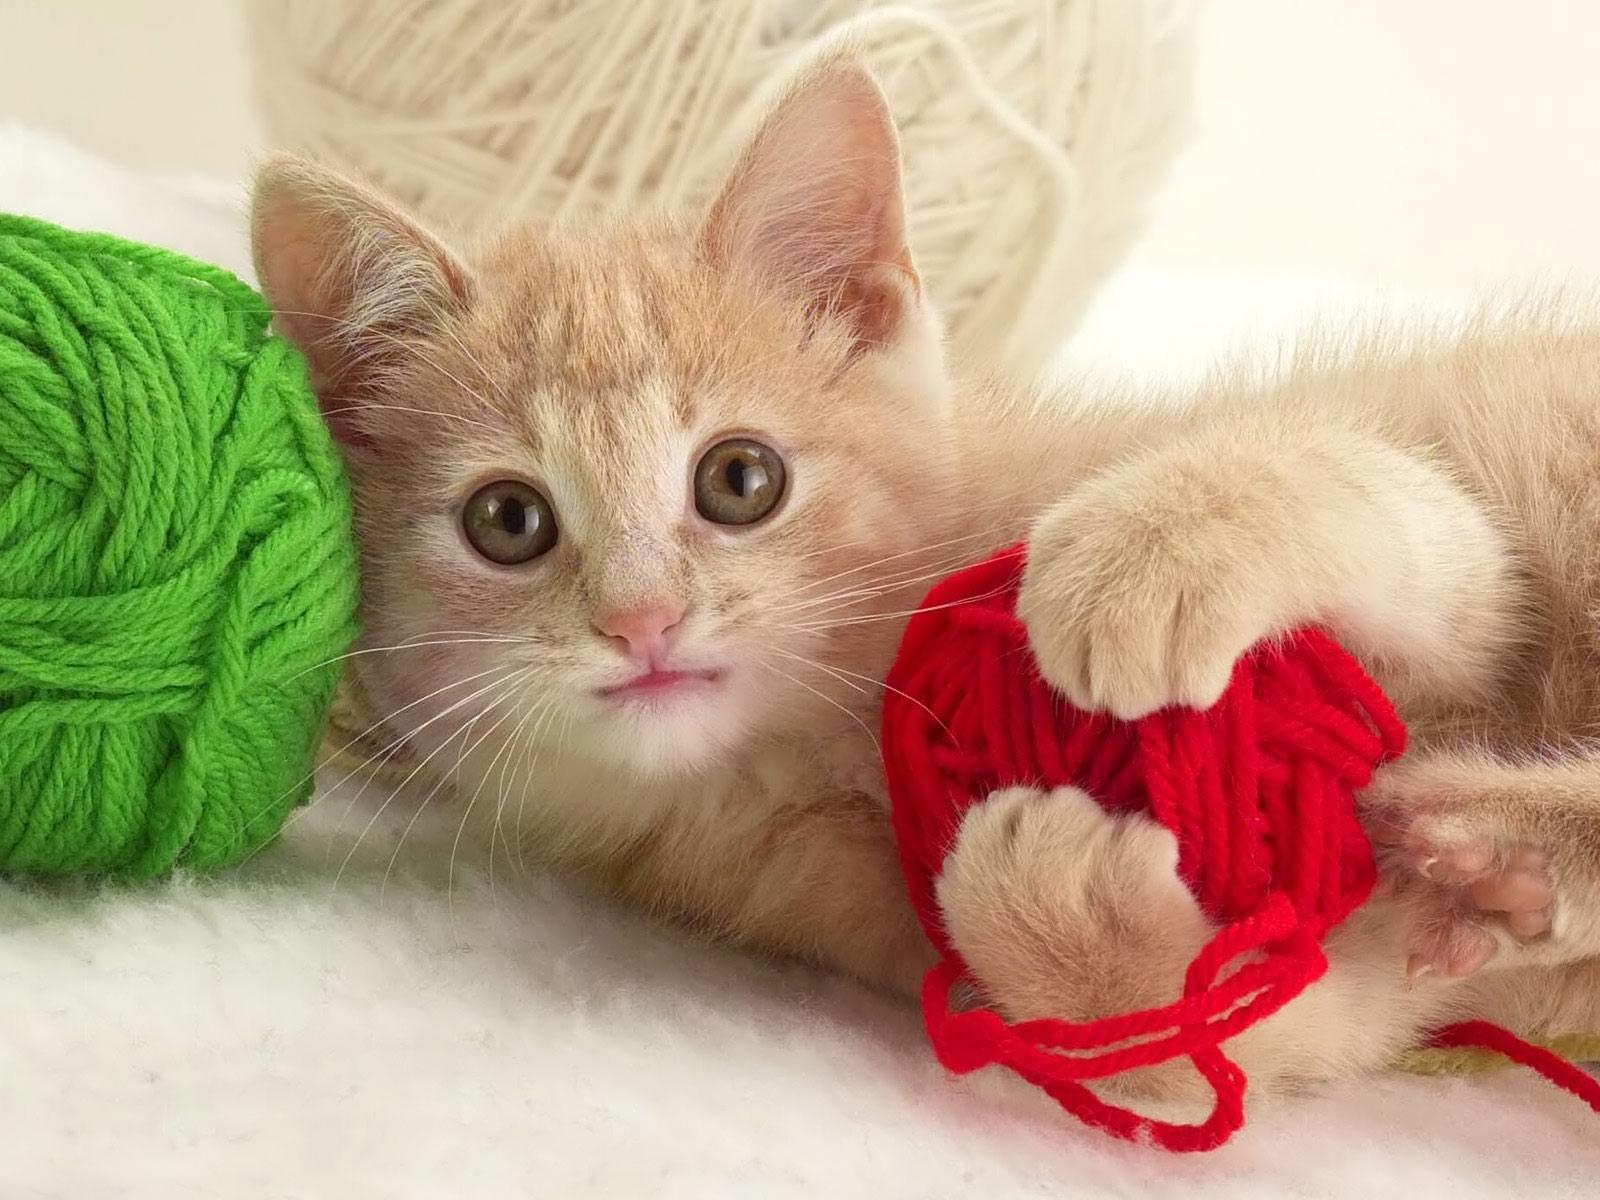 Cuales son los juegos mas peligrosos para los gatos - Fundas para unas de gato ...